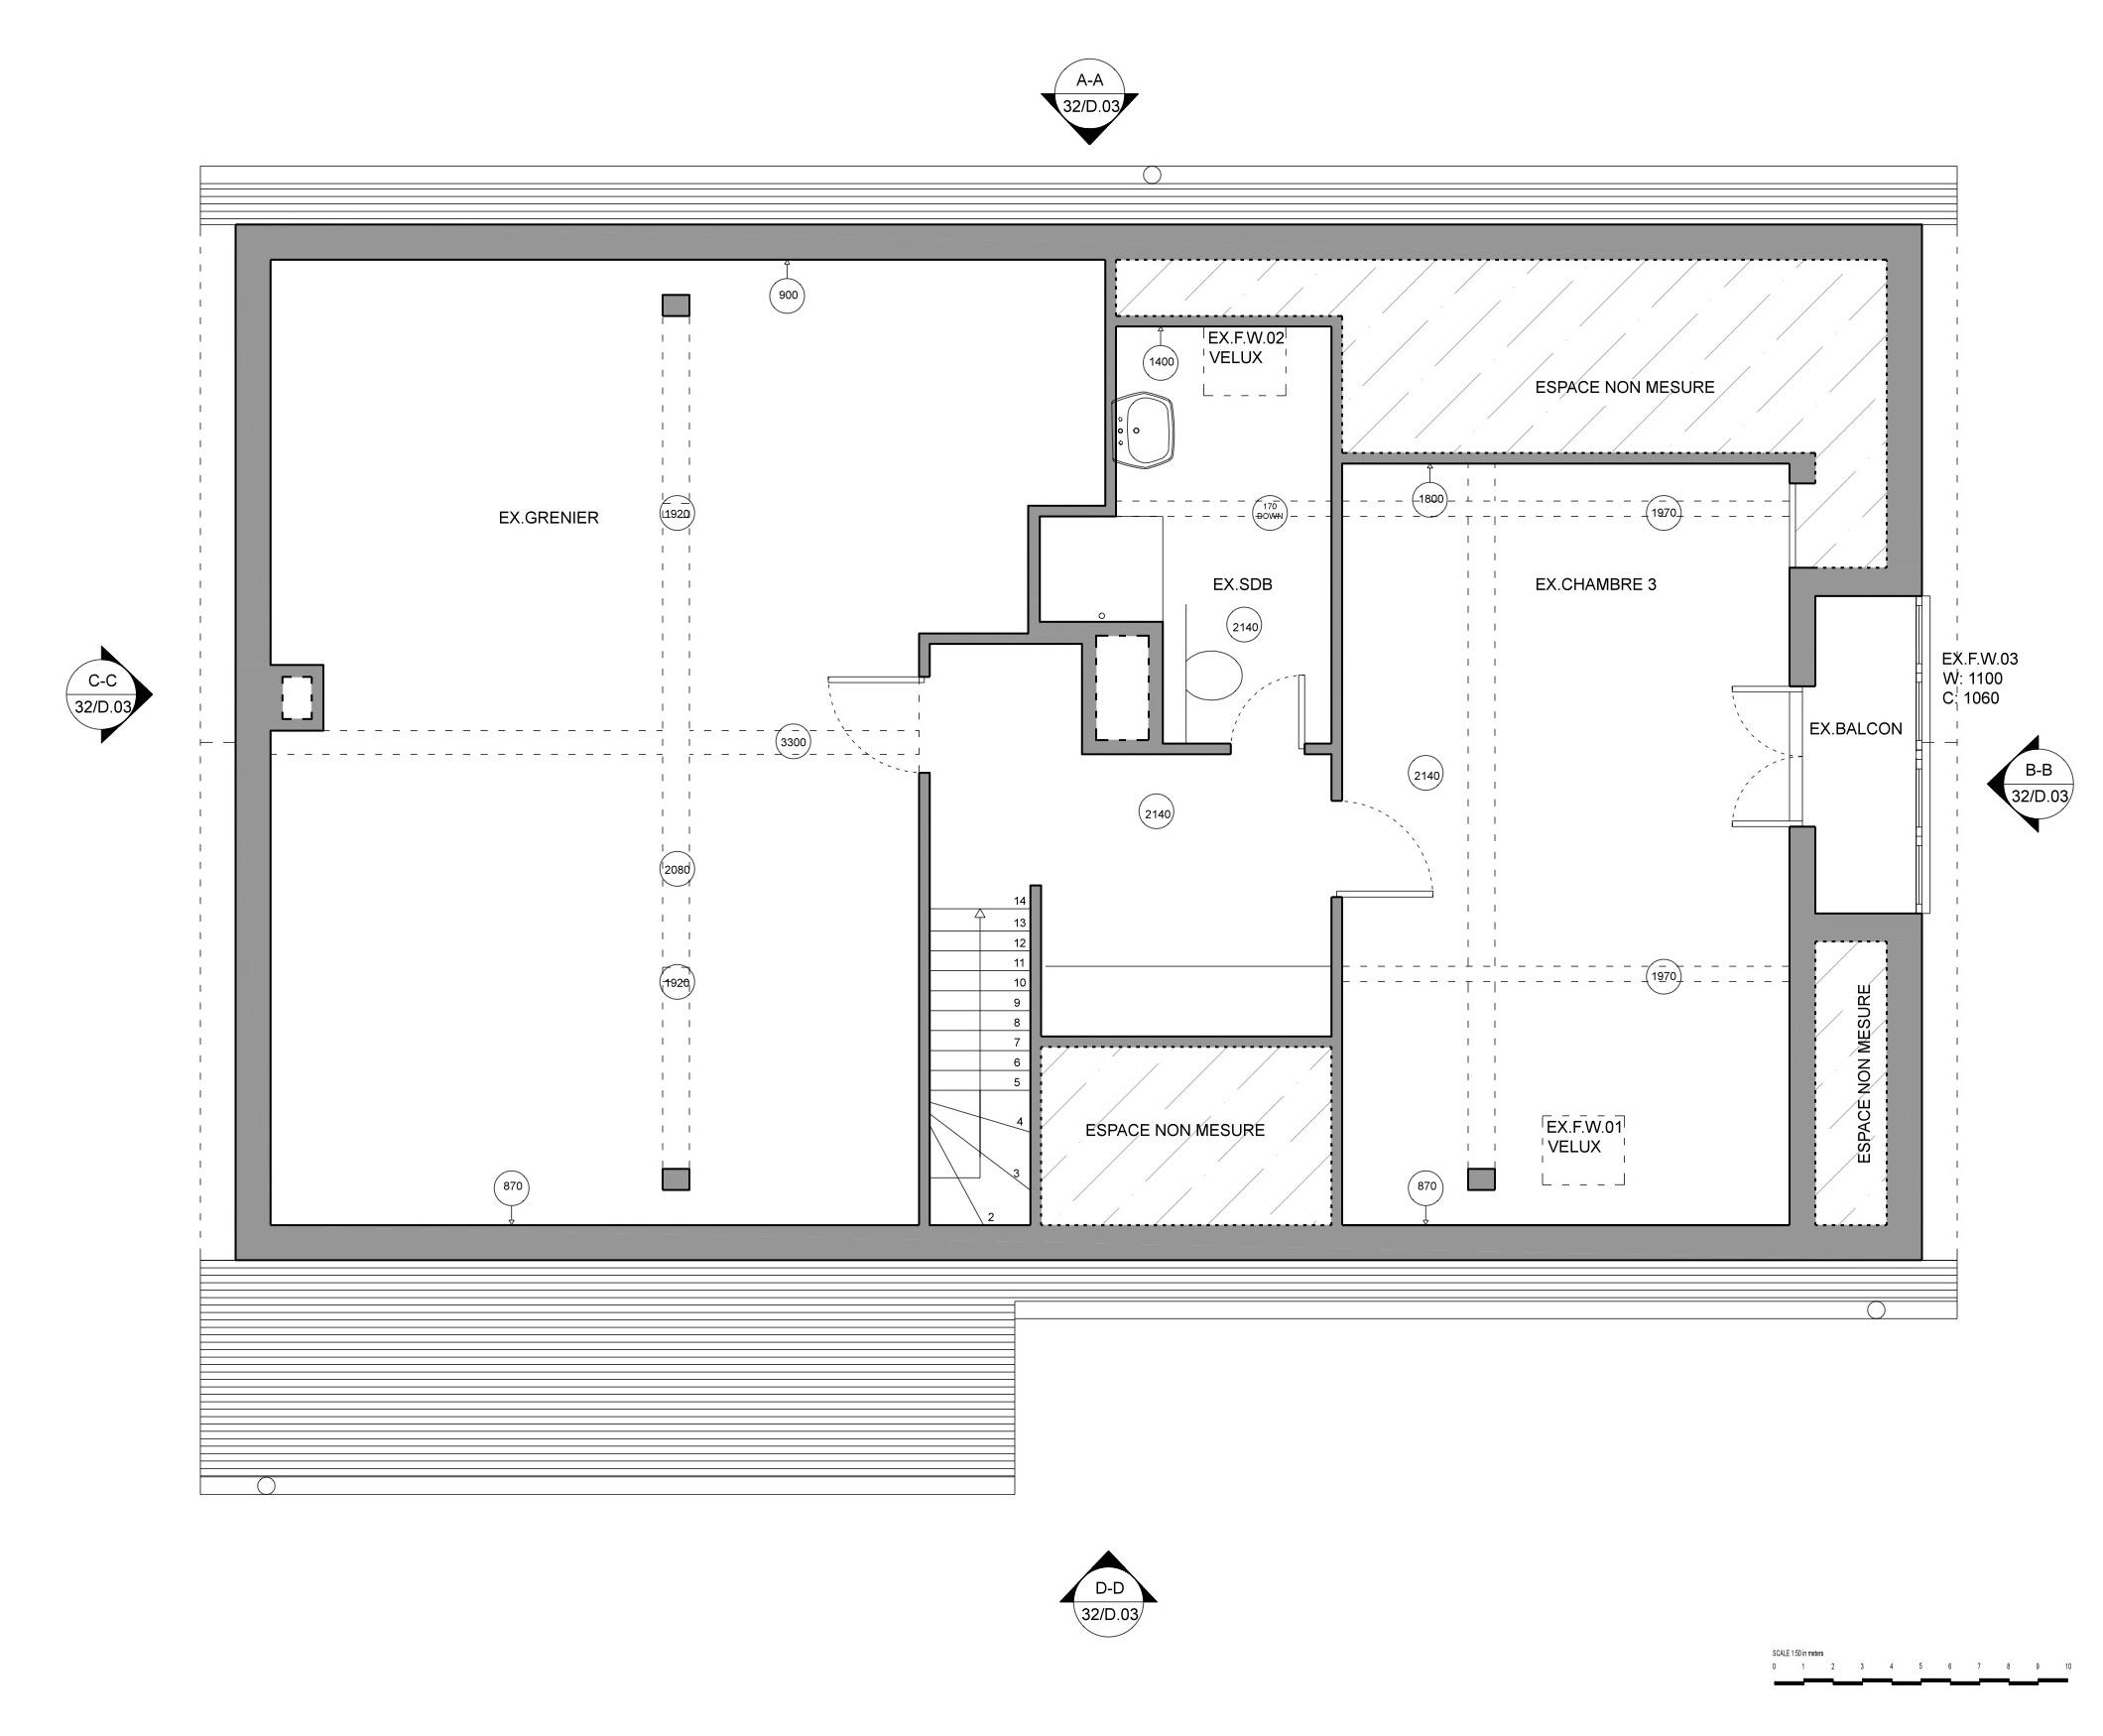 Zimmerheim, France | EX first floor